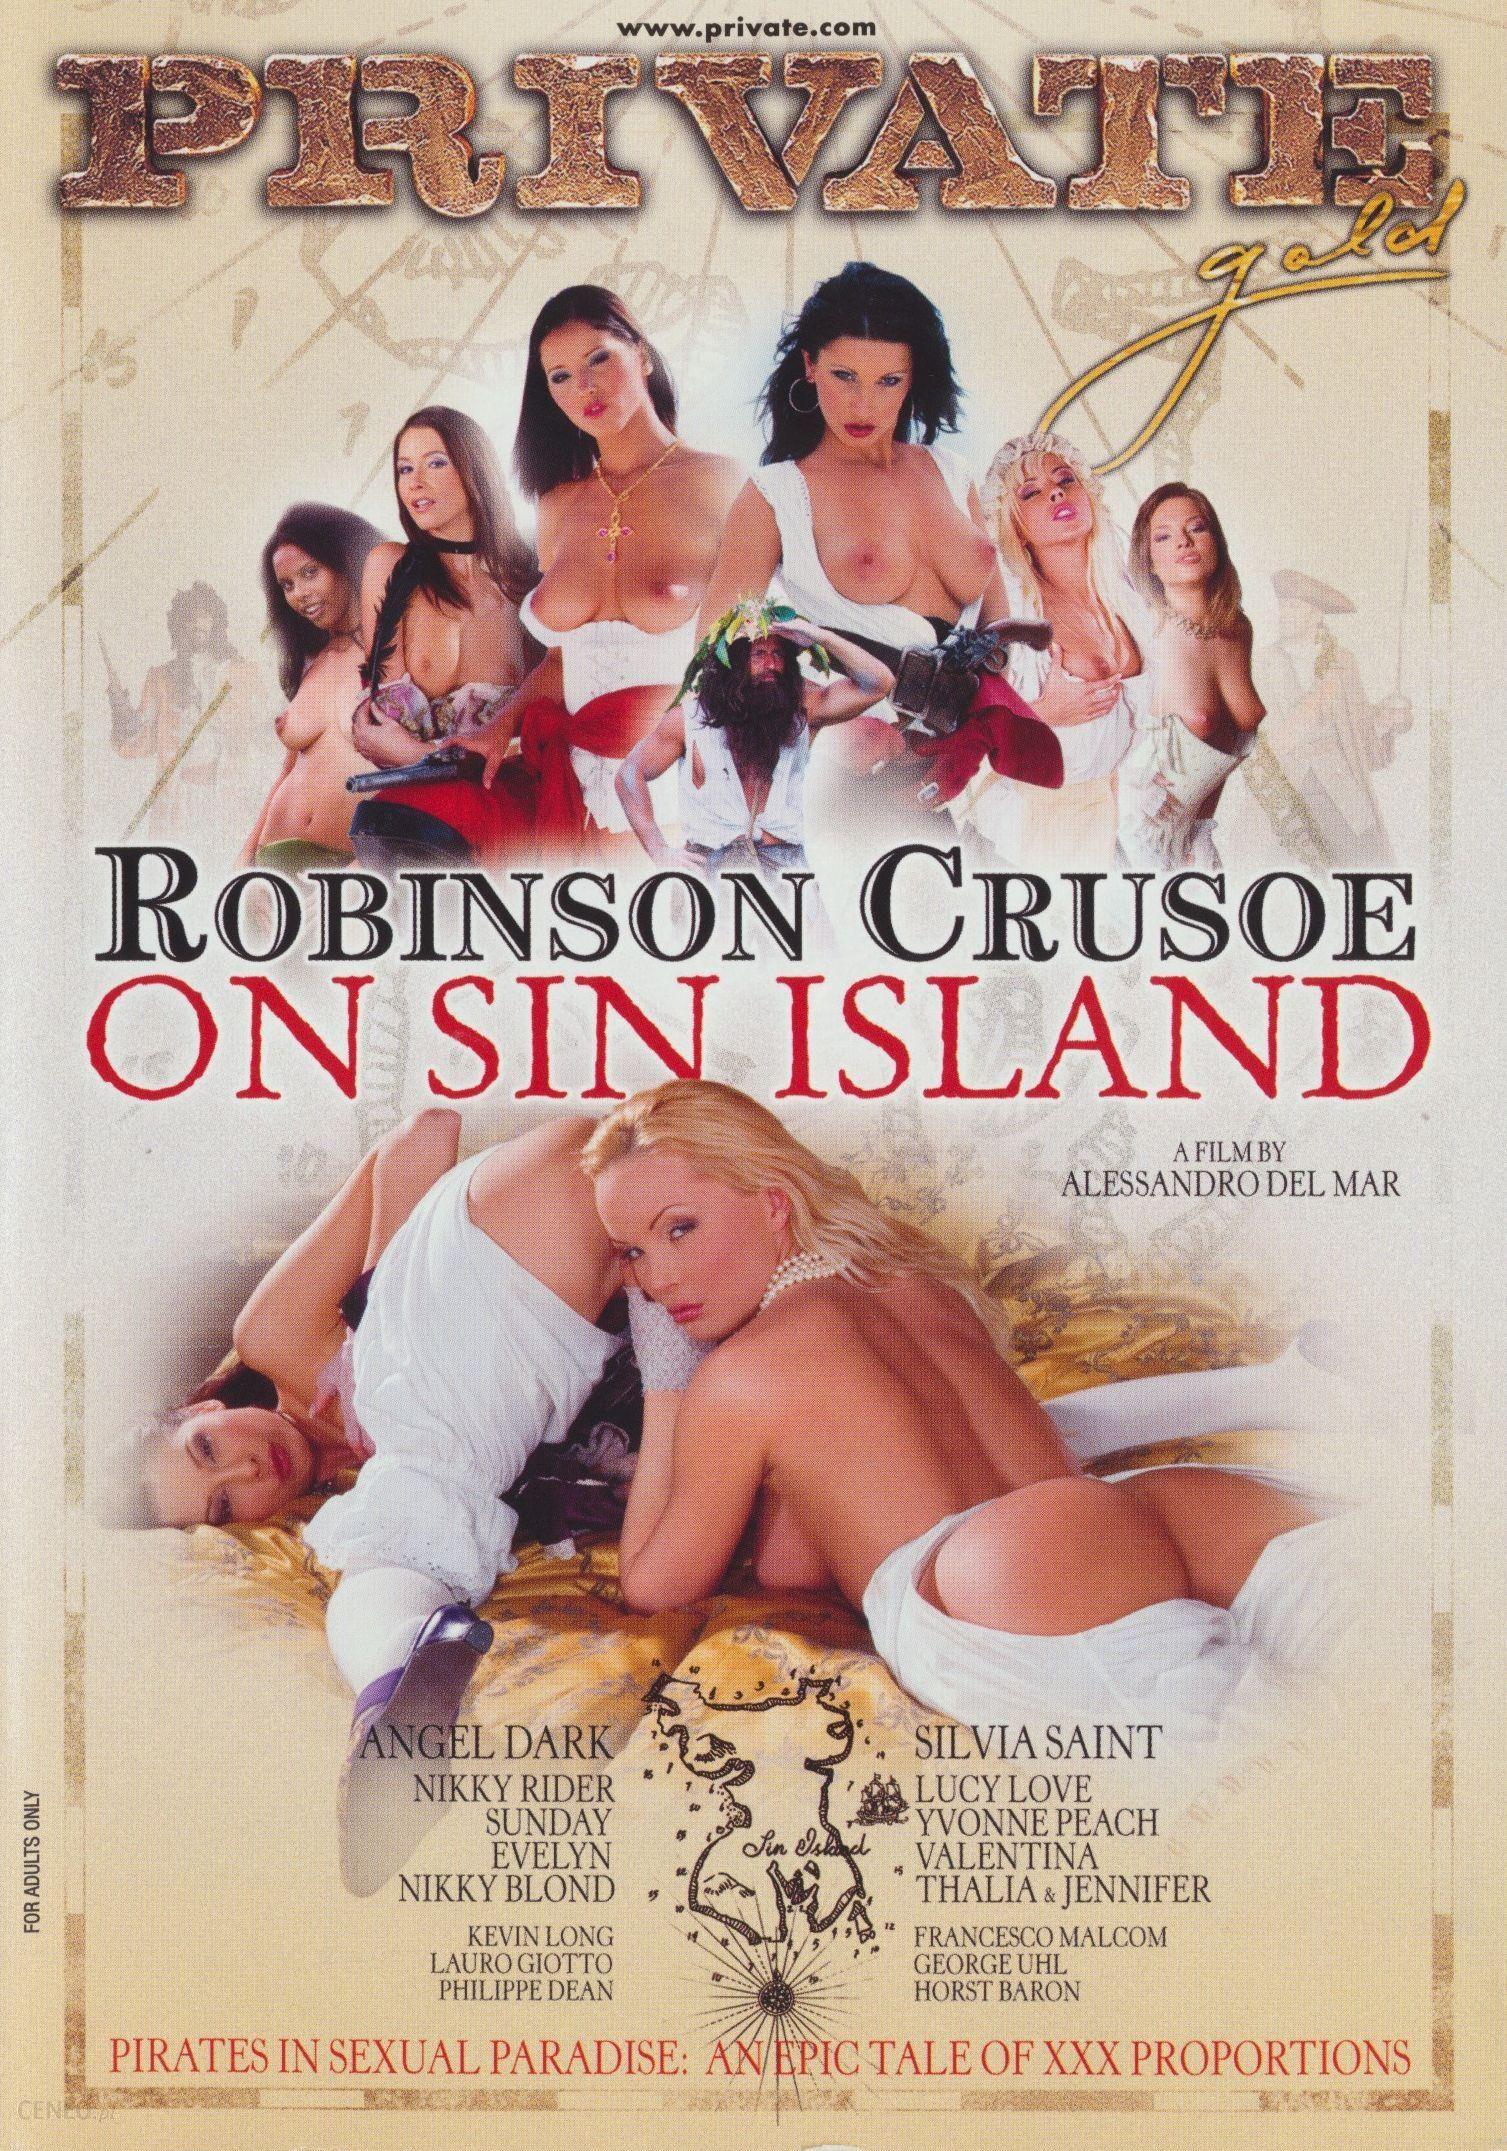 Erotic adventures adult movie #8